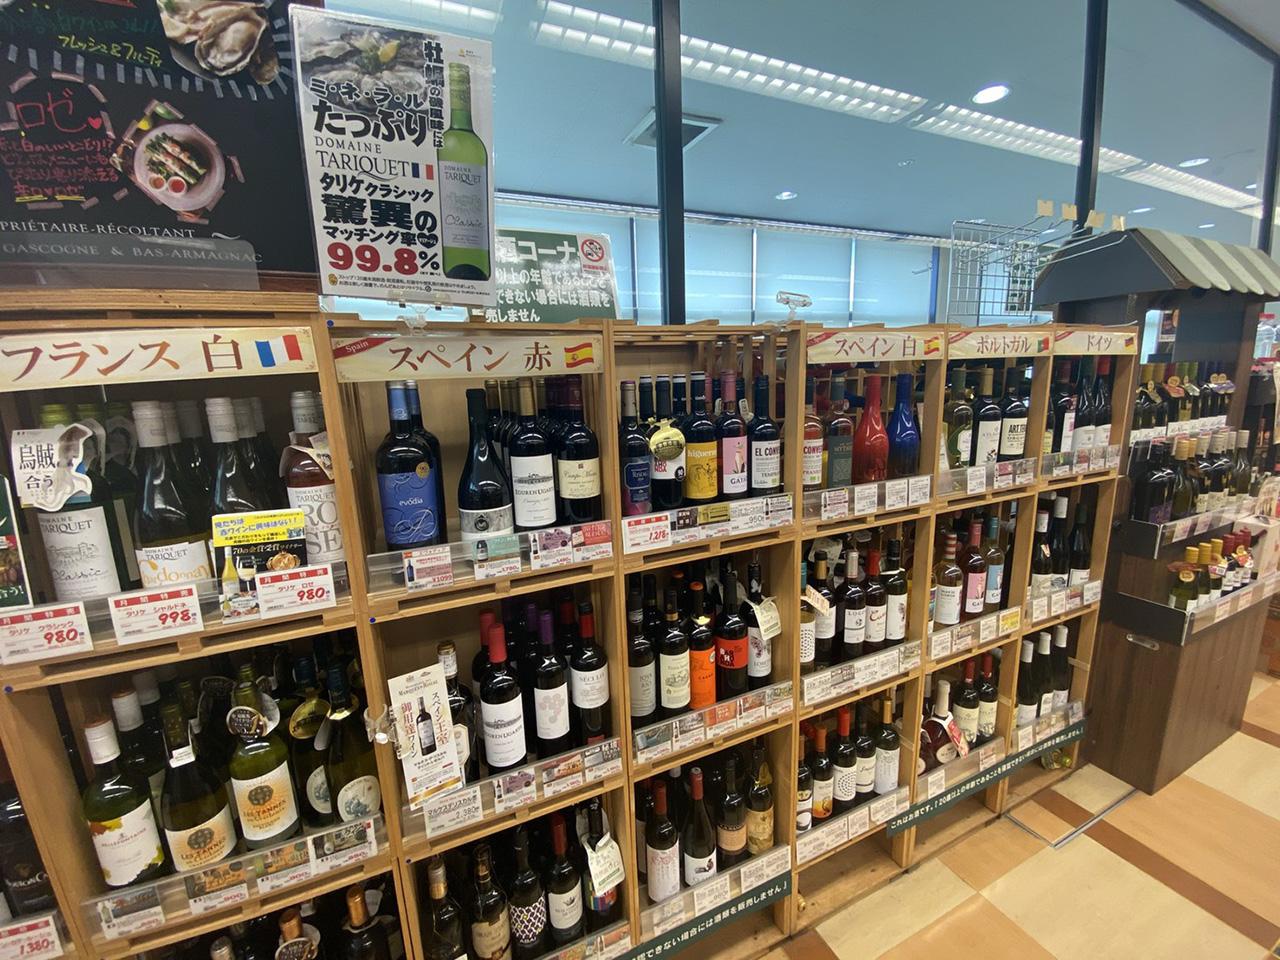 産地ごとに並べられたワインの写真